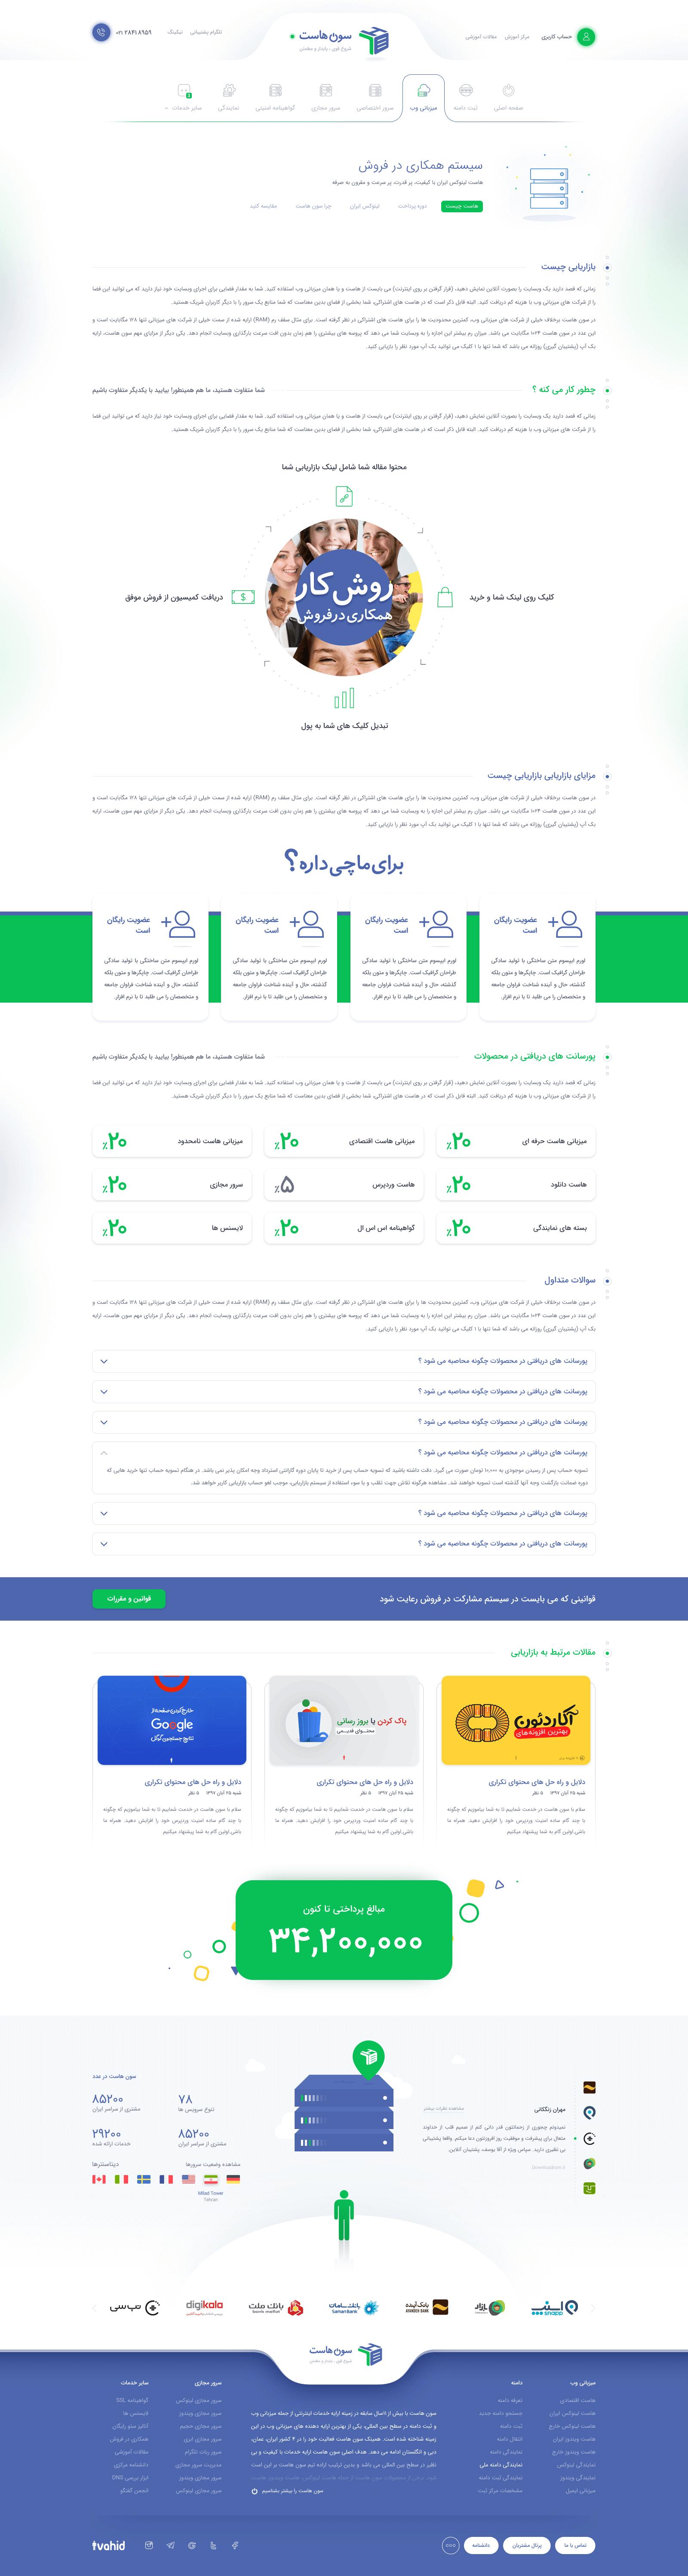 صفحه همکاری در فروش